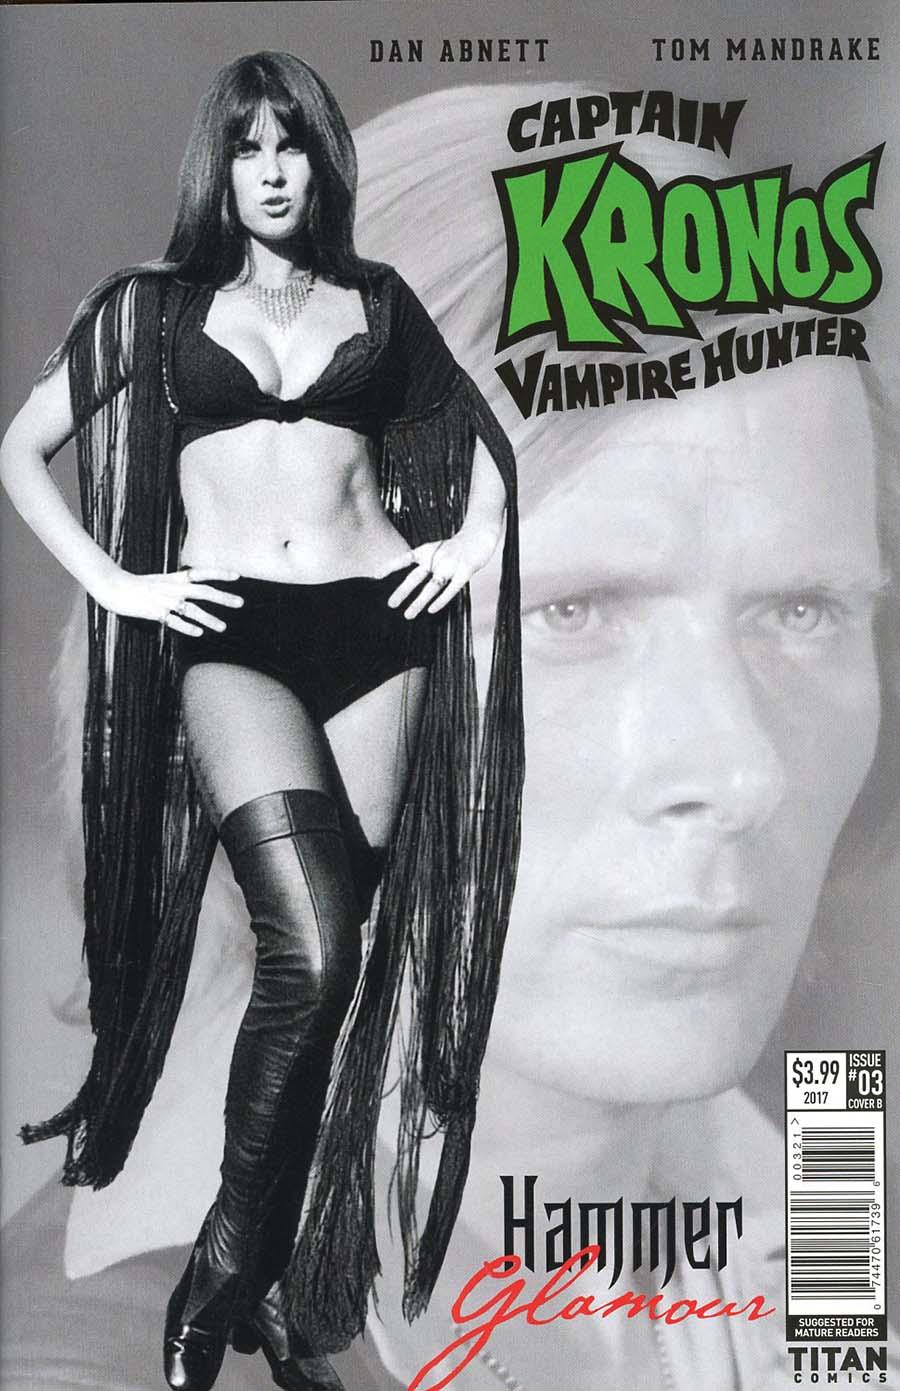 Hammer Comics Captain Kronos Vampire Hunter #3 Cover B Variant Hammer Glamour Cover